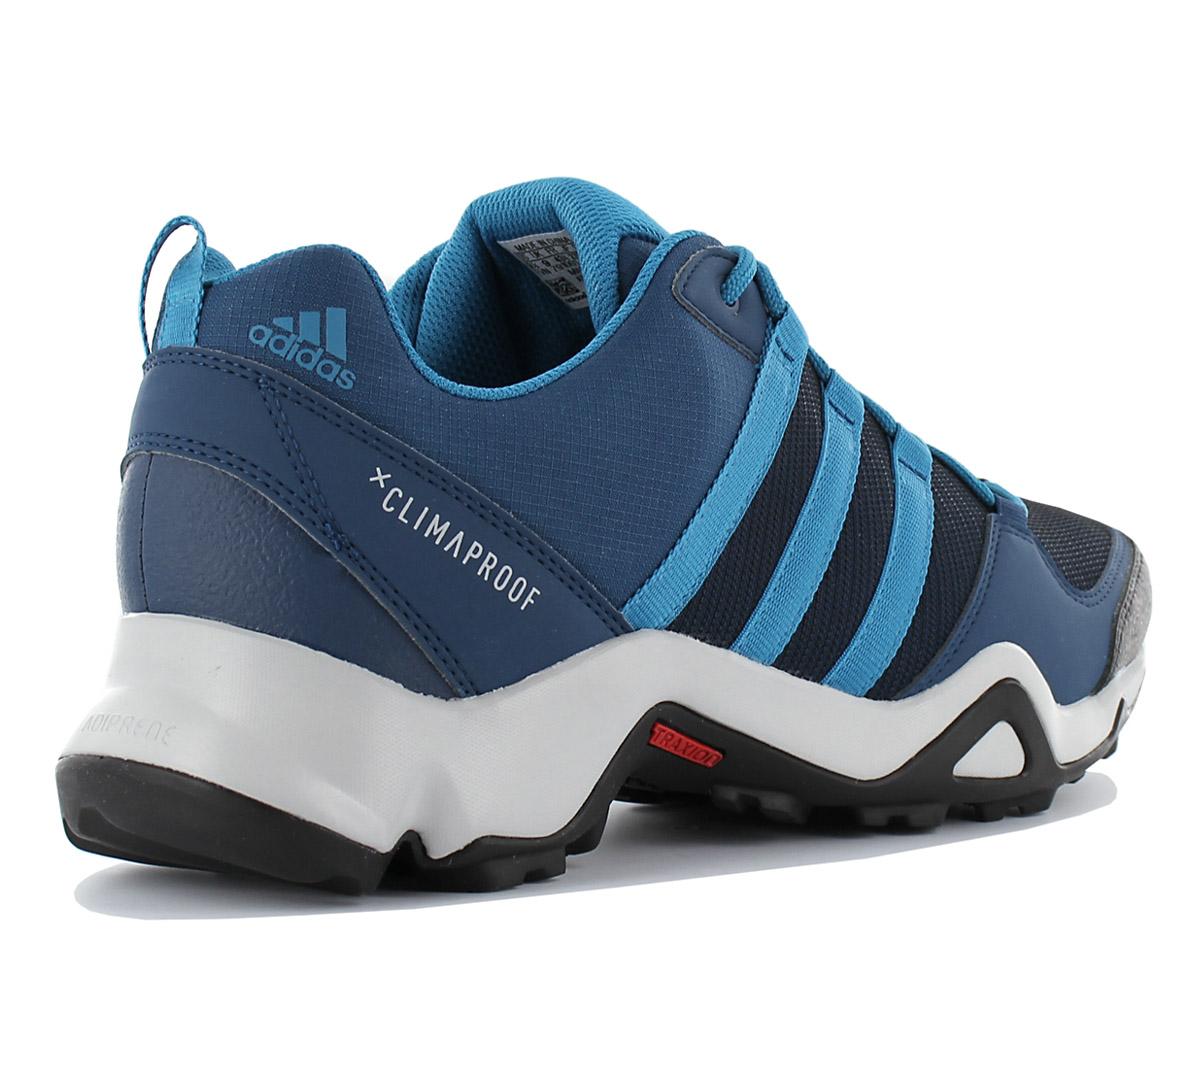 Adidas AX2 CP Climaproof Herren Trail Laufschuhe Wanderschuhe Schuhe ... Schnäppchen